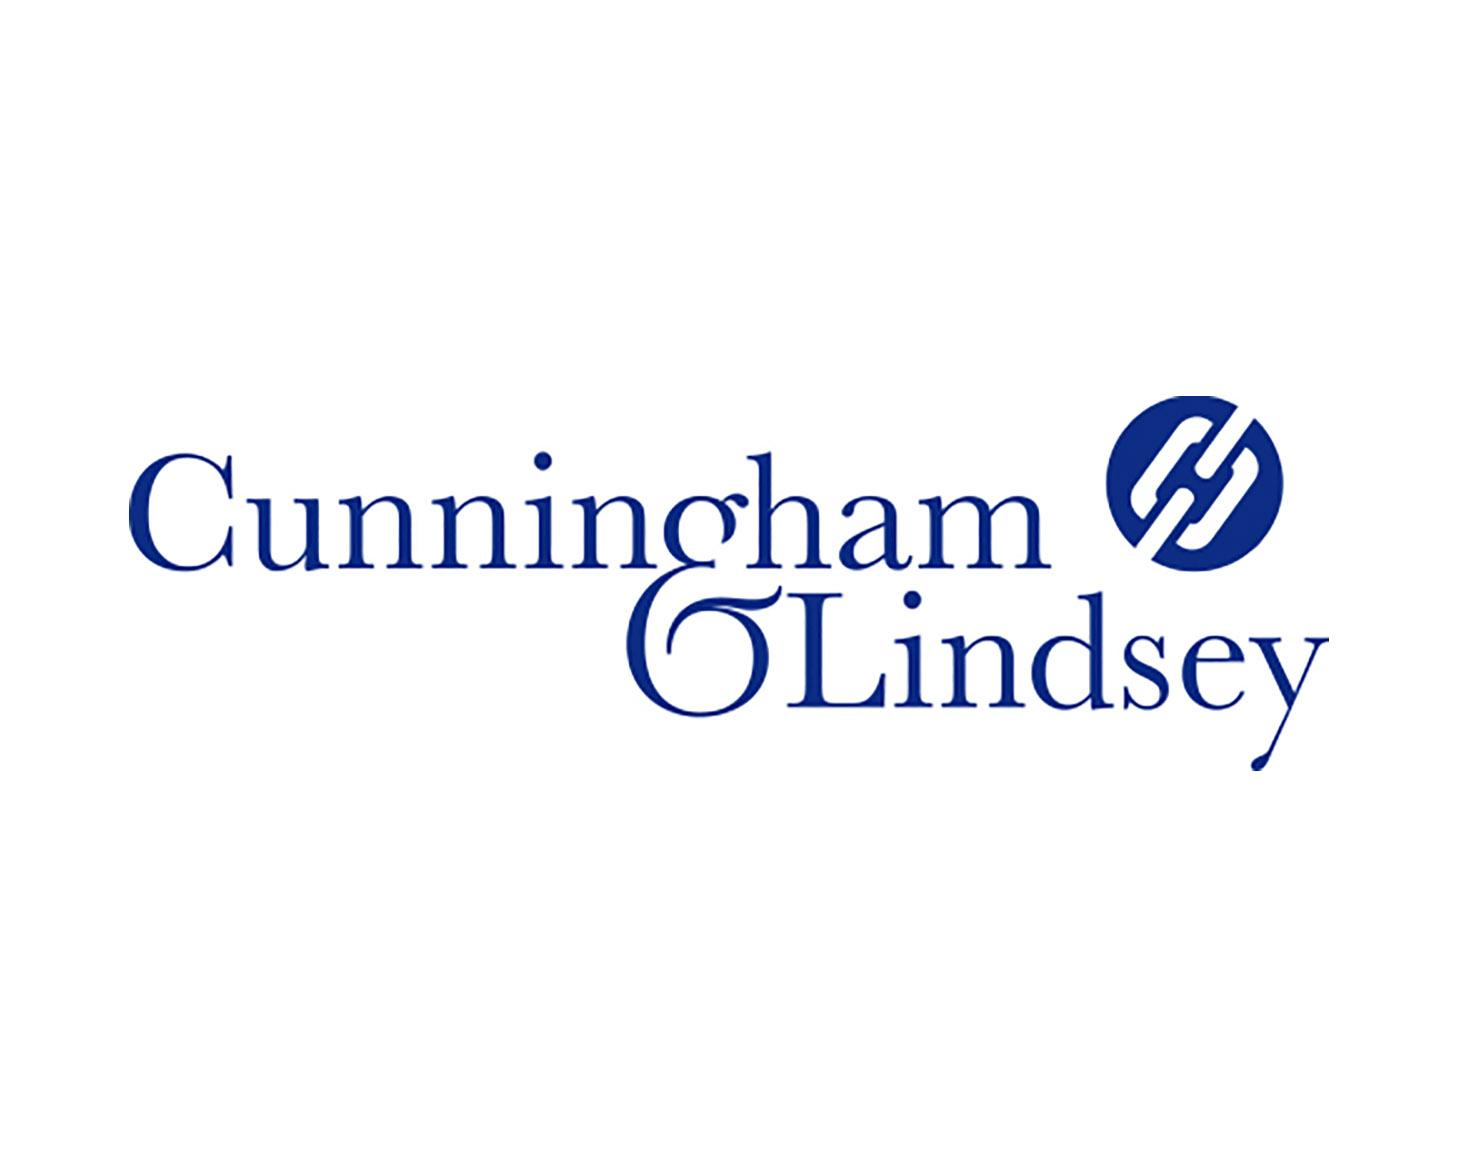 Cunnigham Lindsey